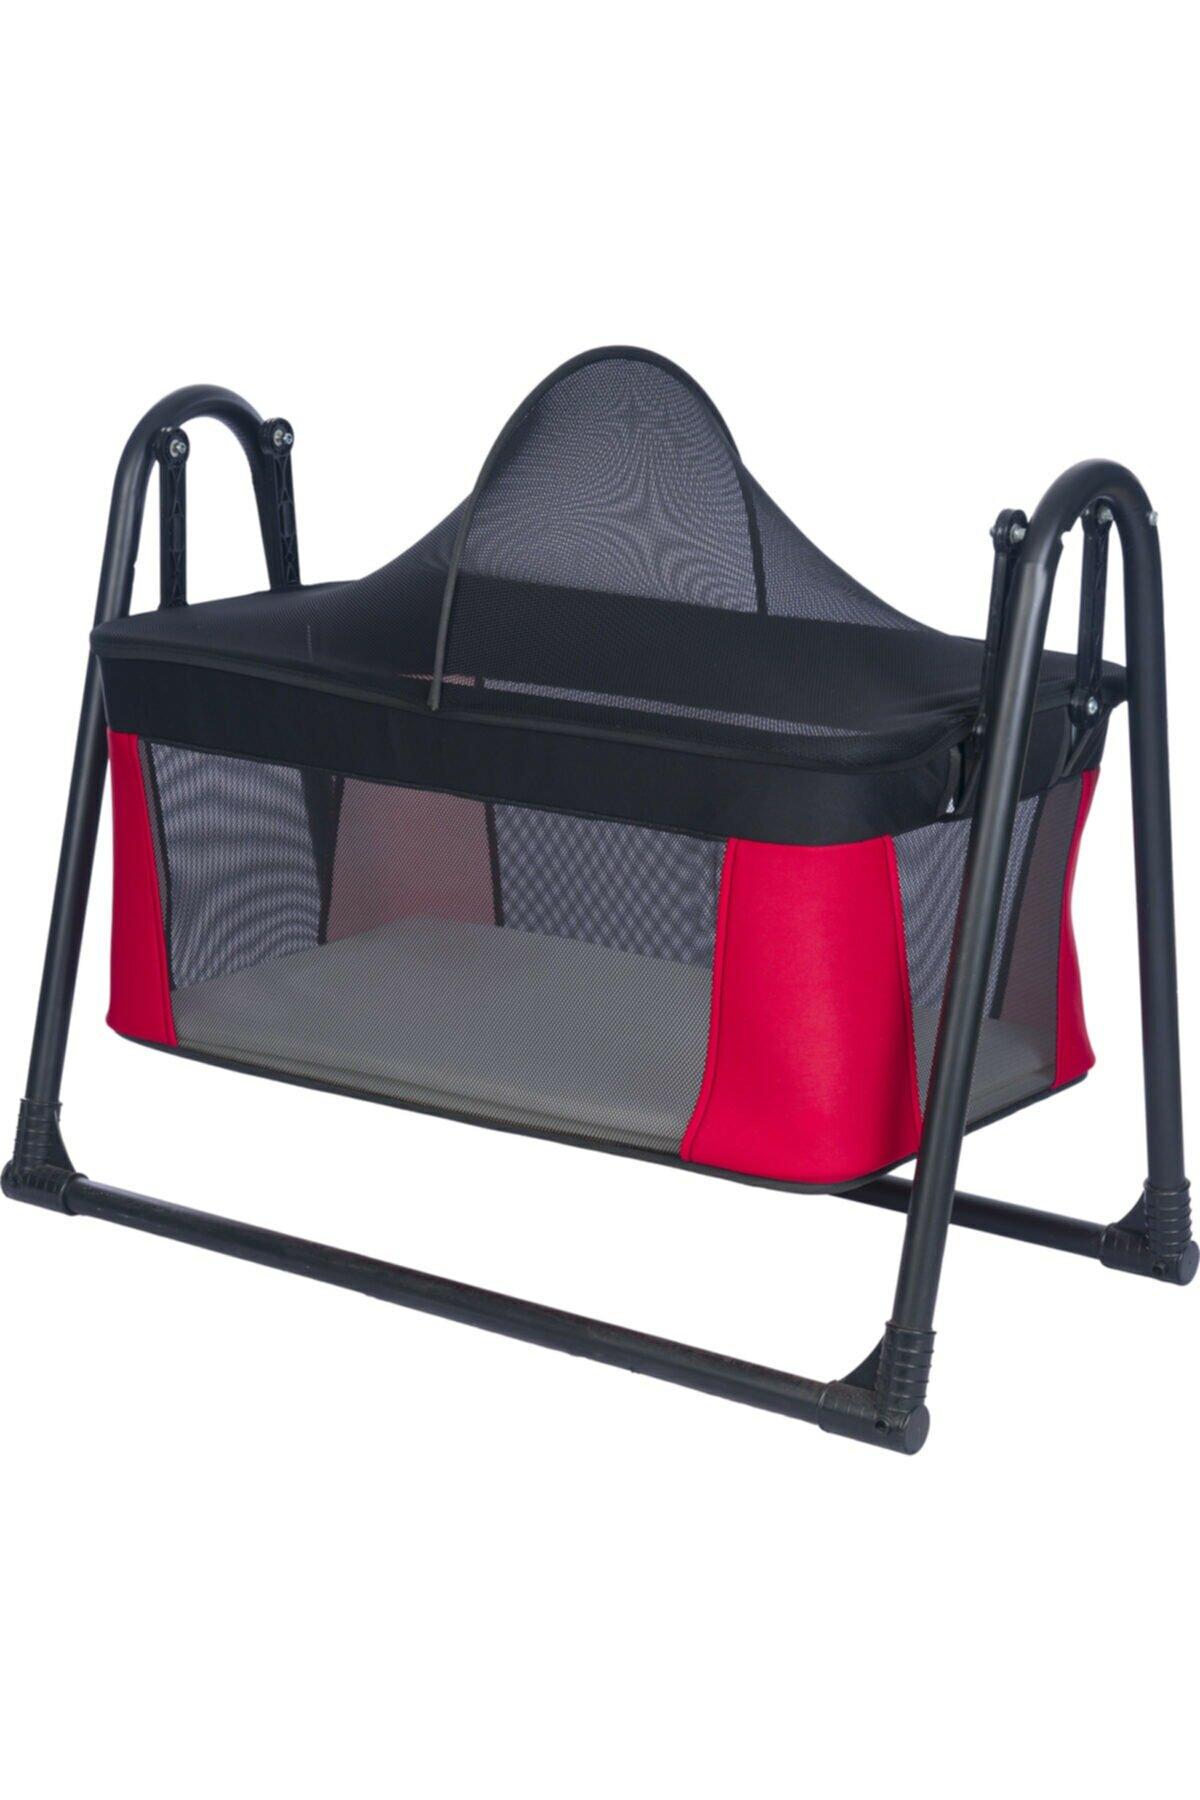 Luxury Portable Rocking Basket Baby Cradle Child Hammock Portable Installation Sway Retractable Bedroom Baby Room Color enlarge